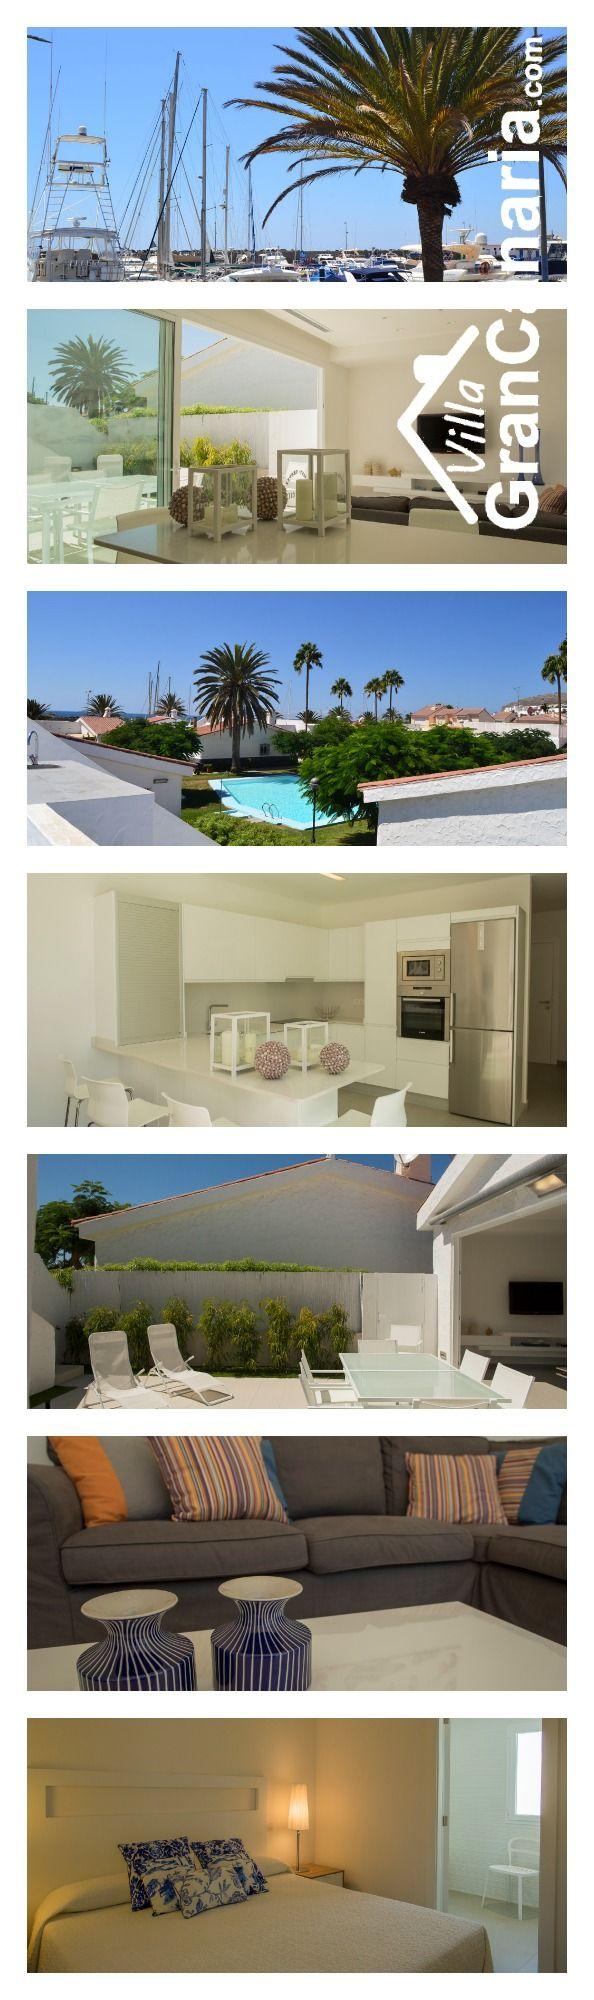 Gran Canaria holiday home / Holiday rentals /Ferienhaus / Ferienwohnung. Islas Canarias, Canary Islands, Kanaren, Kanarische Inseln. Villa Bungalow Marina /Sporthafen